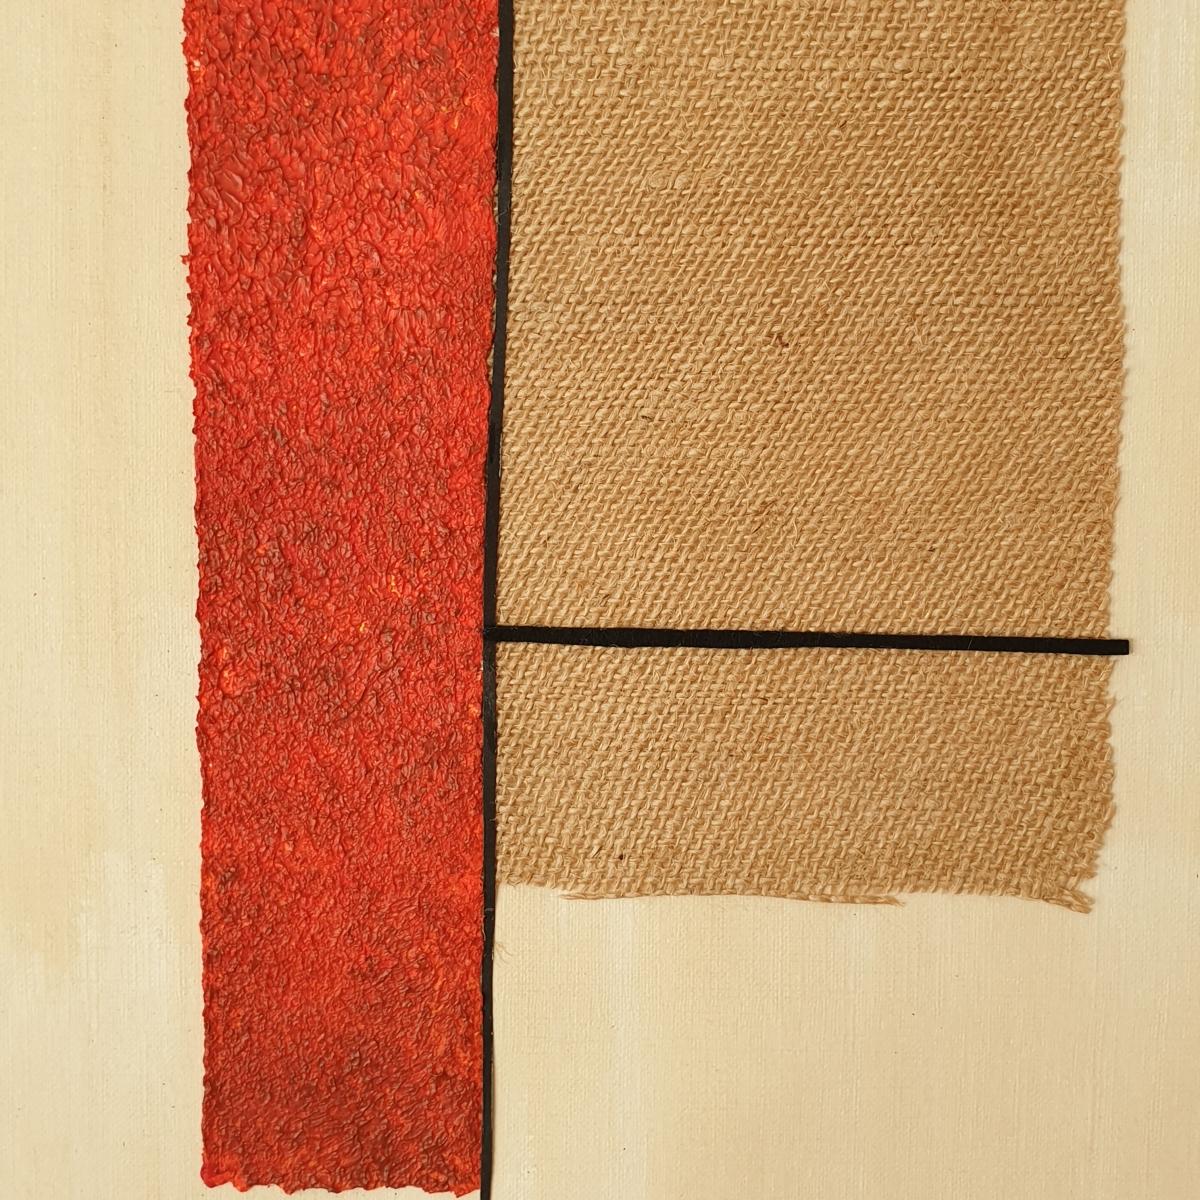 """Detalle del interior de la obra """"Slightly different"""", con arpillera, cartulina y pintura acrílica"""